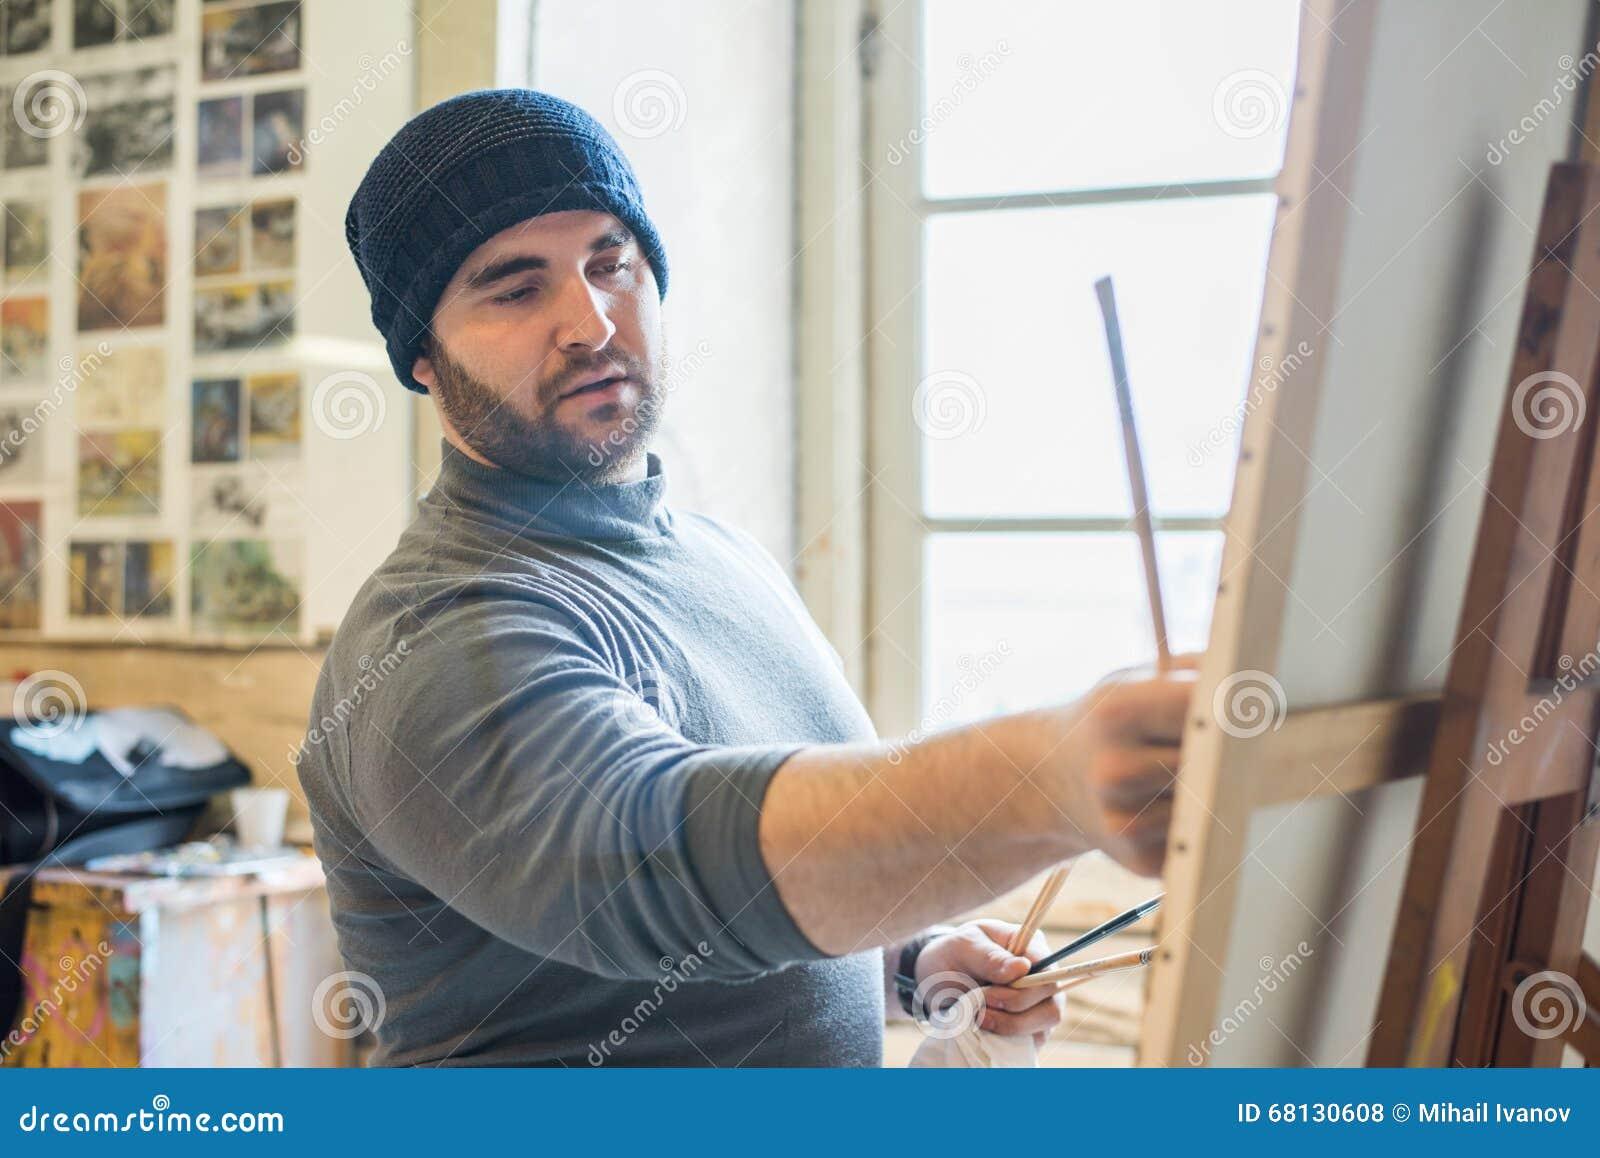 Artiste/professeur peignant une illustration - fermez-vous vers le haut de la vue